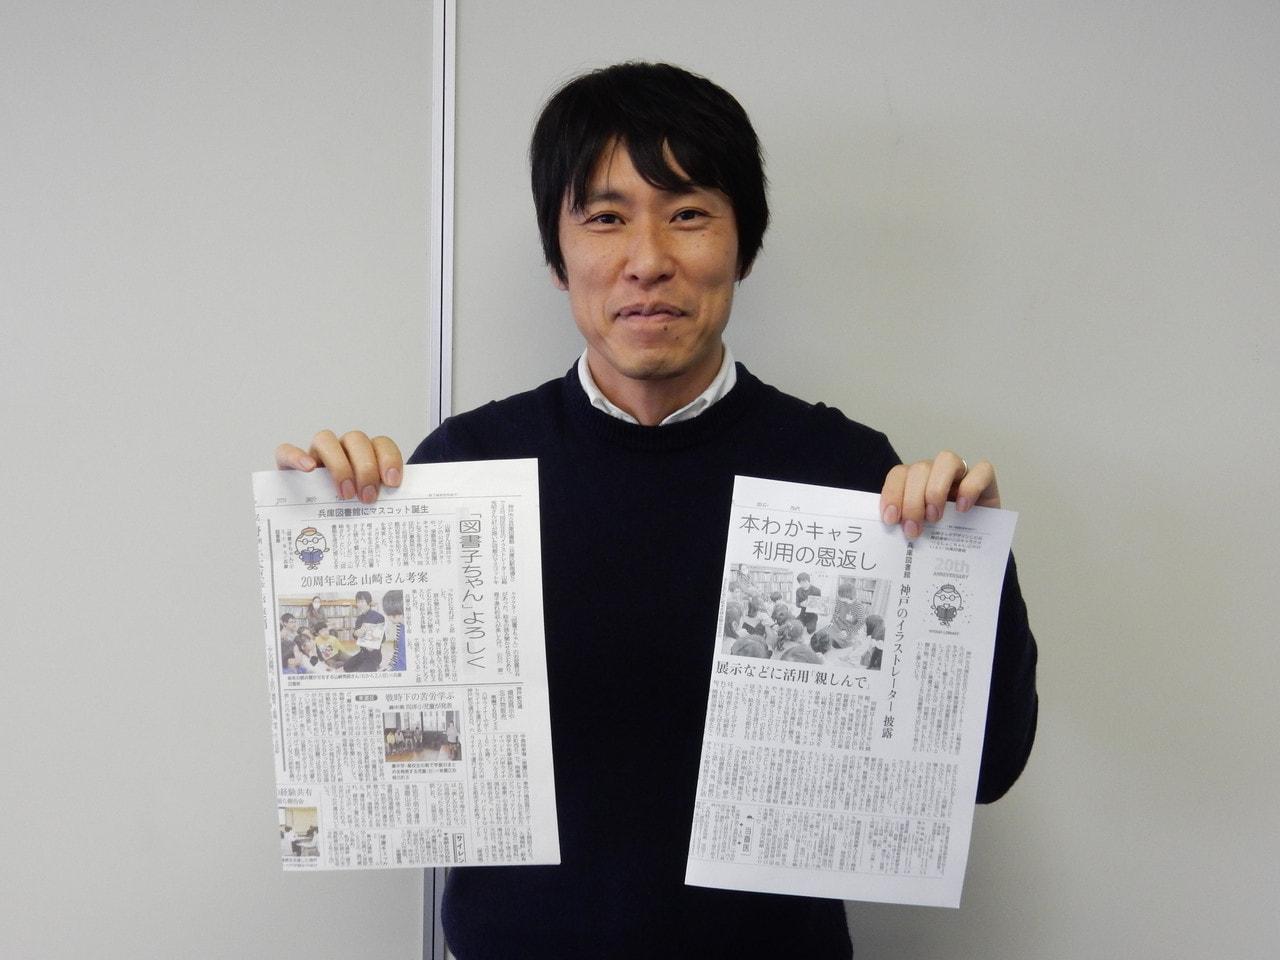 山崎秀昭先生の記事が読売新聞と神戸新聞に掲載